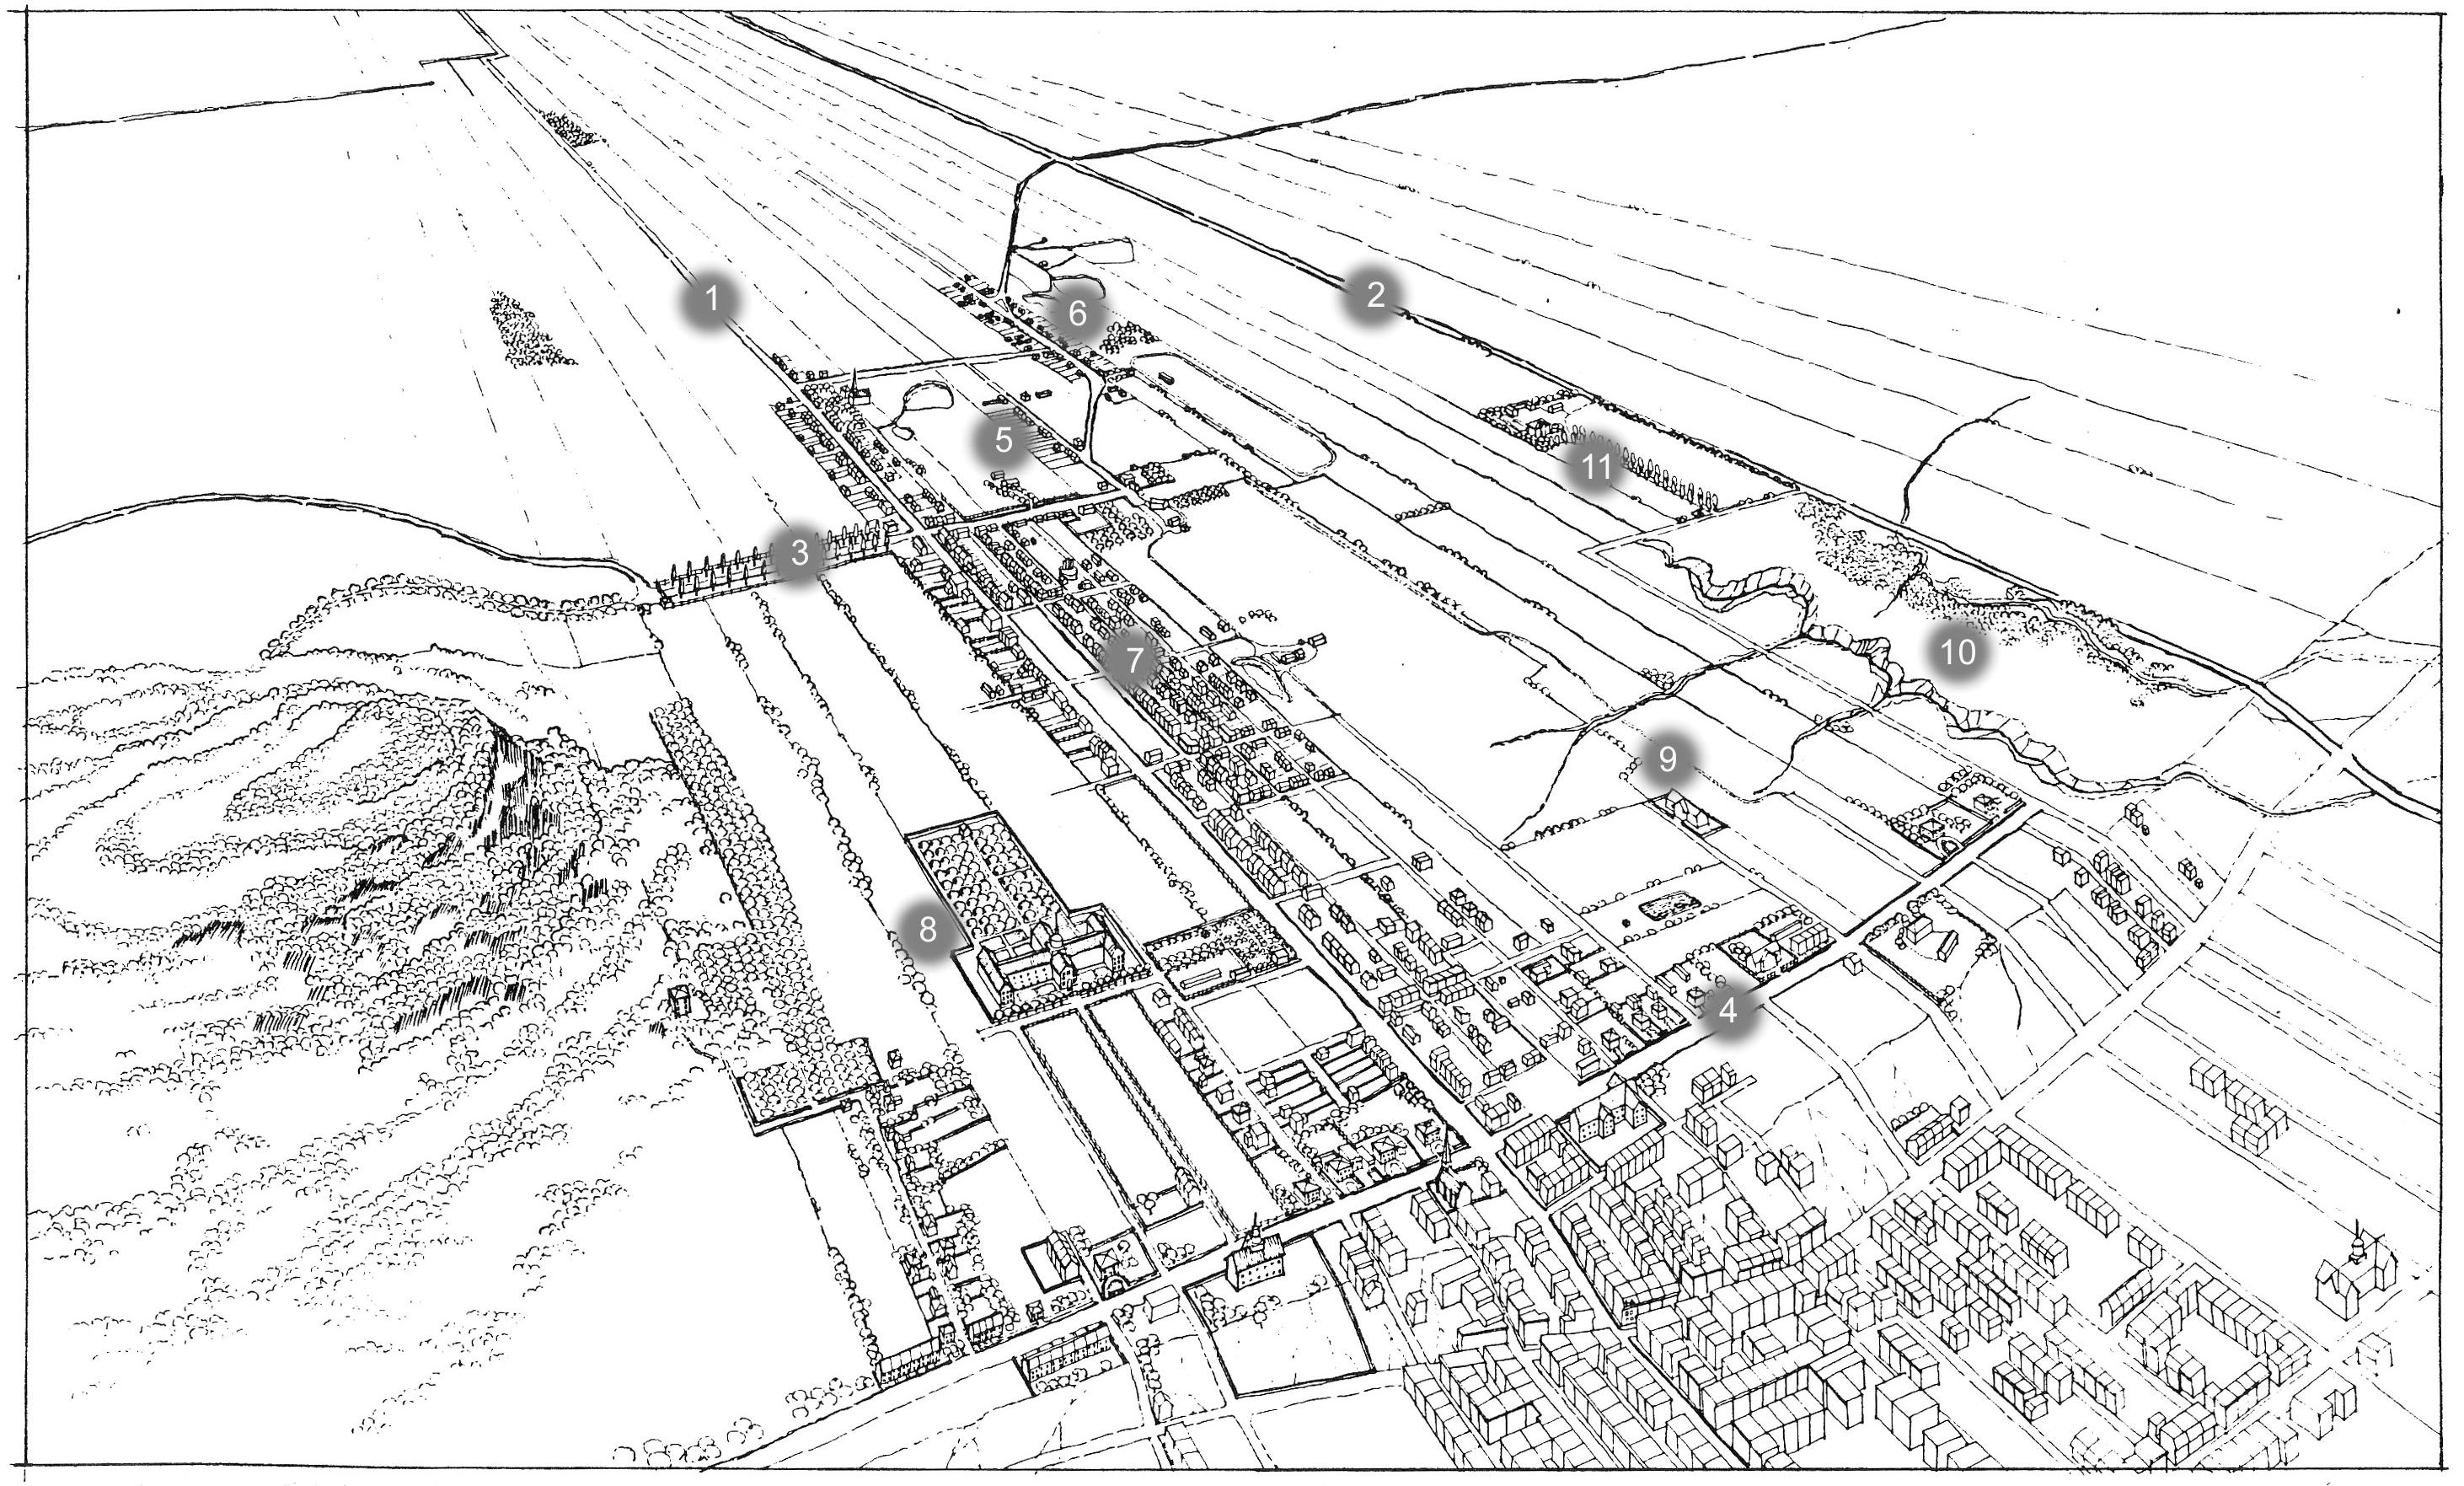 Le territoire du Plateau-Mont-Royal vers 1870. Cette illustration de Simon Péloquin est tirée du mémoire « Figures de l'espace » sous la direction d'Alan Knight, UdeM 1988.